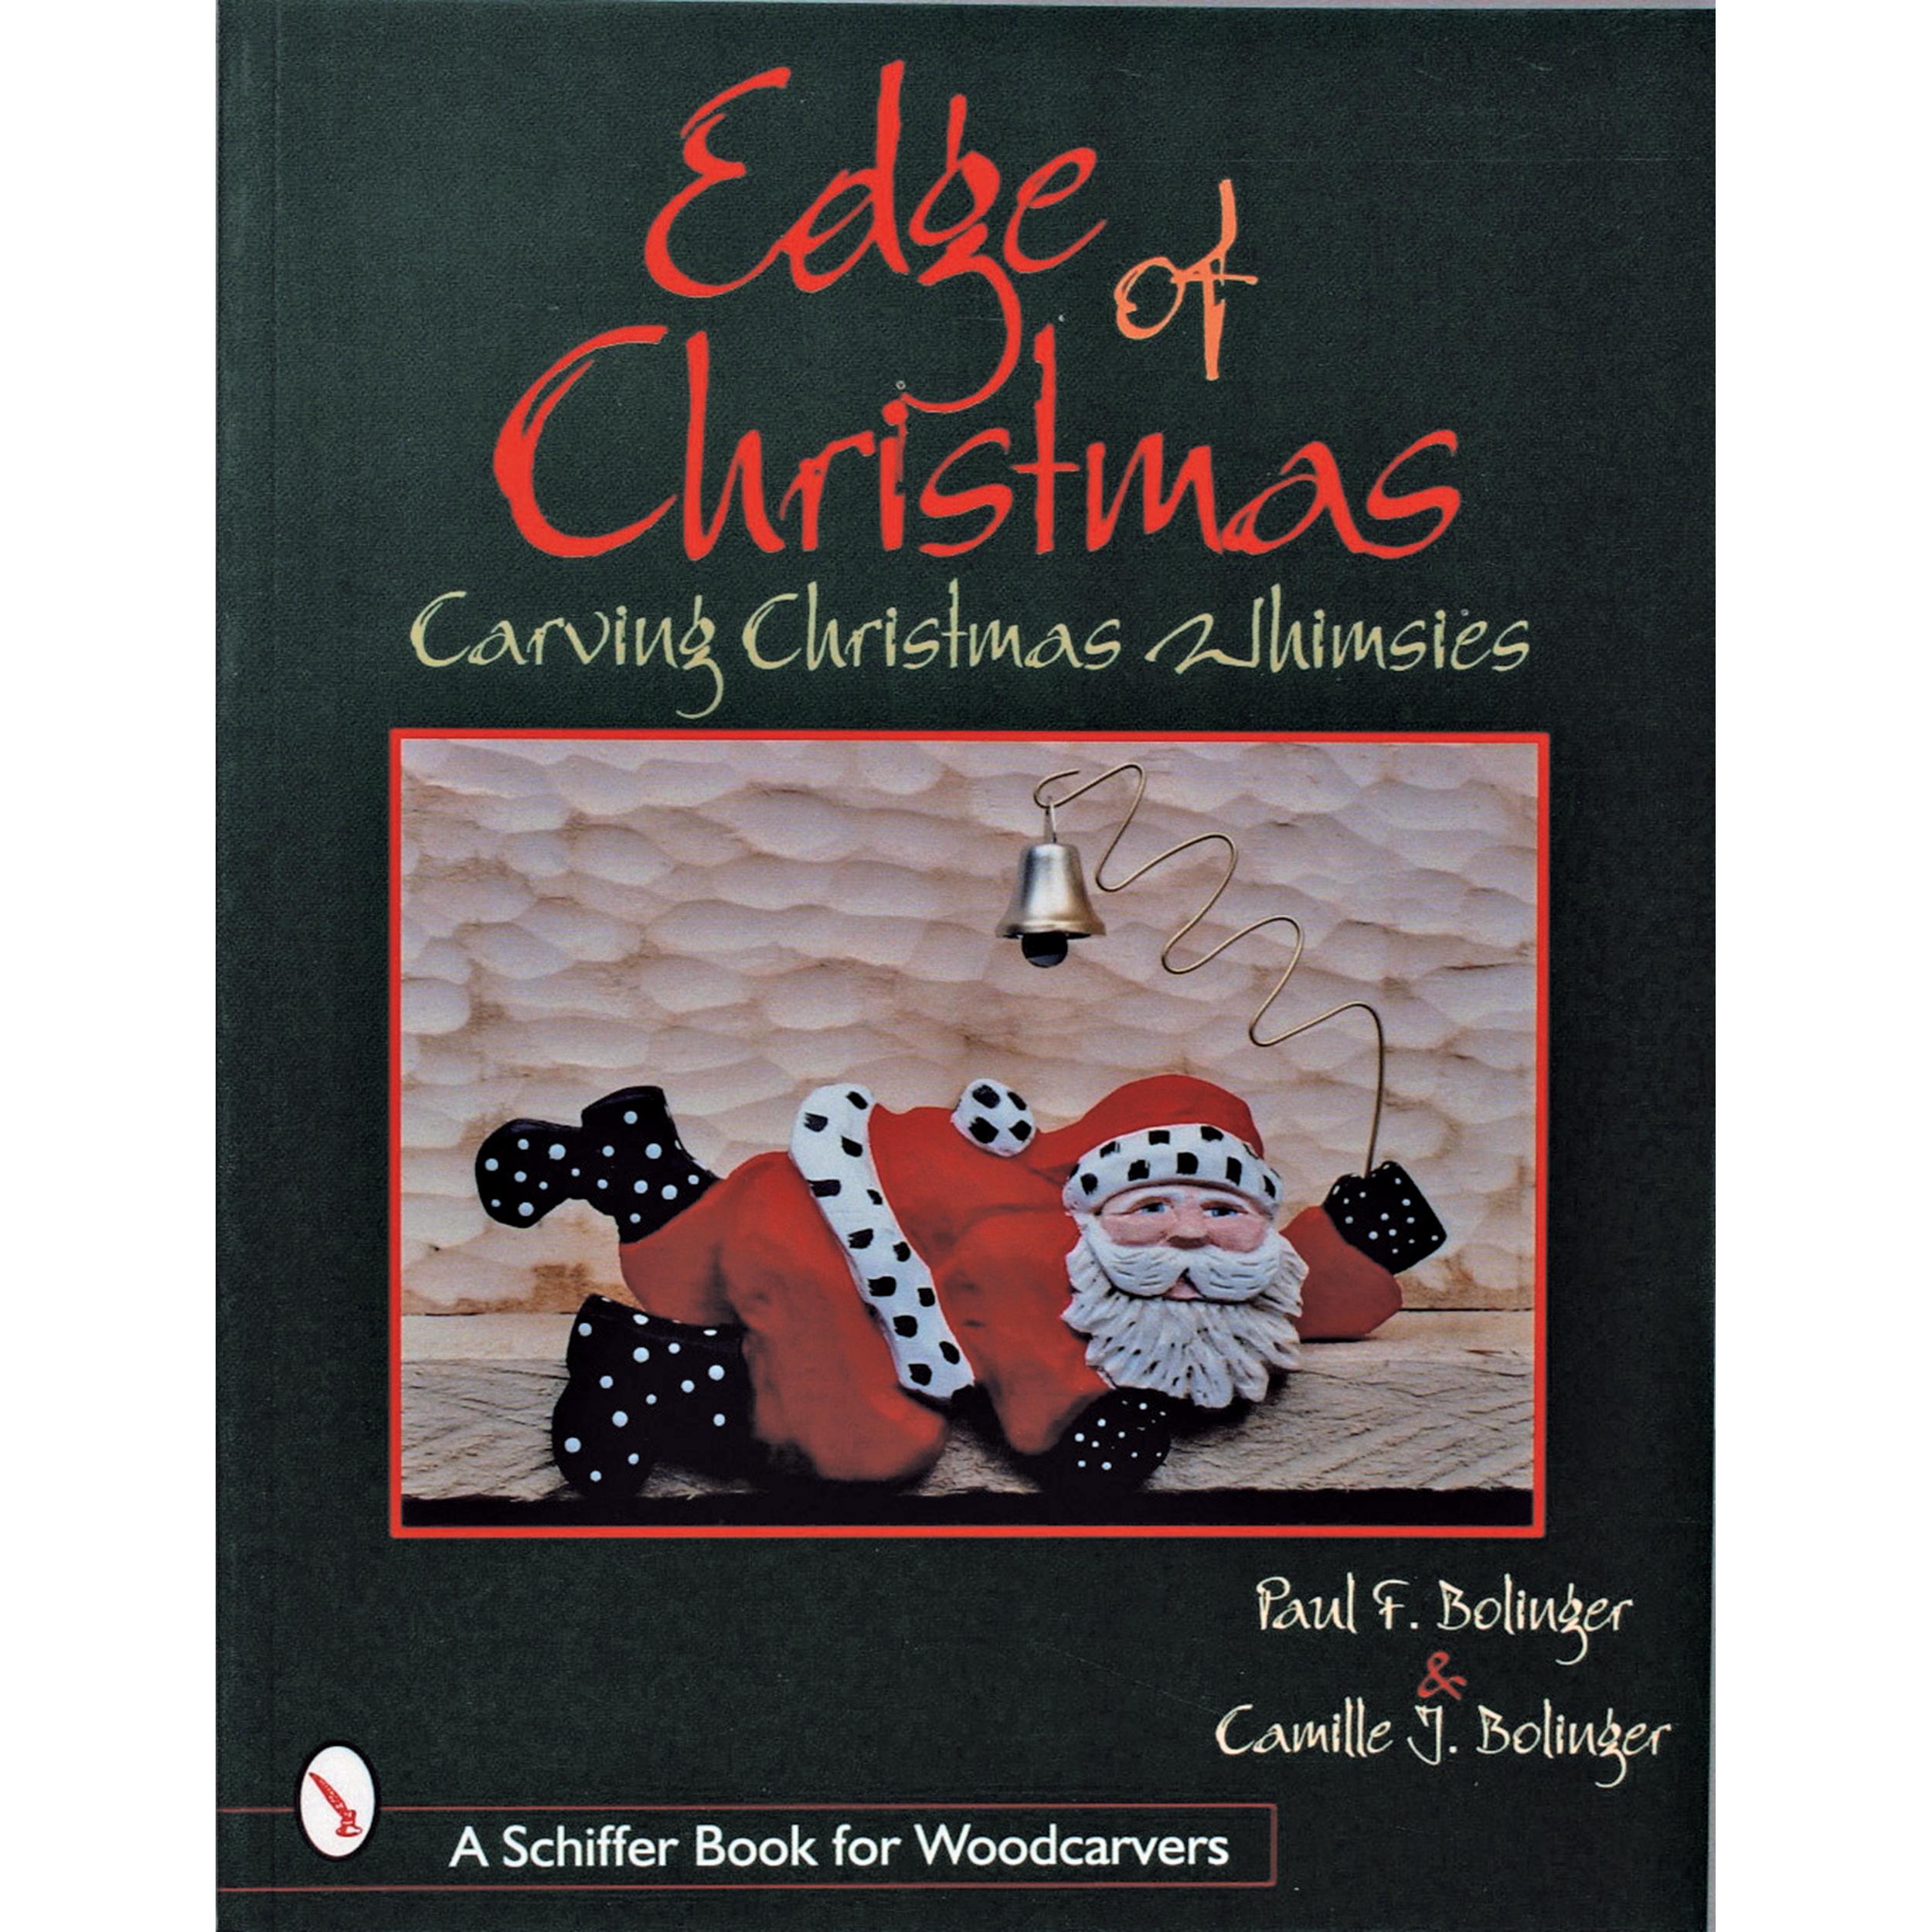 Edge of Christmas: Carving Christmas Whimsies